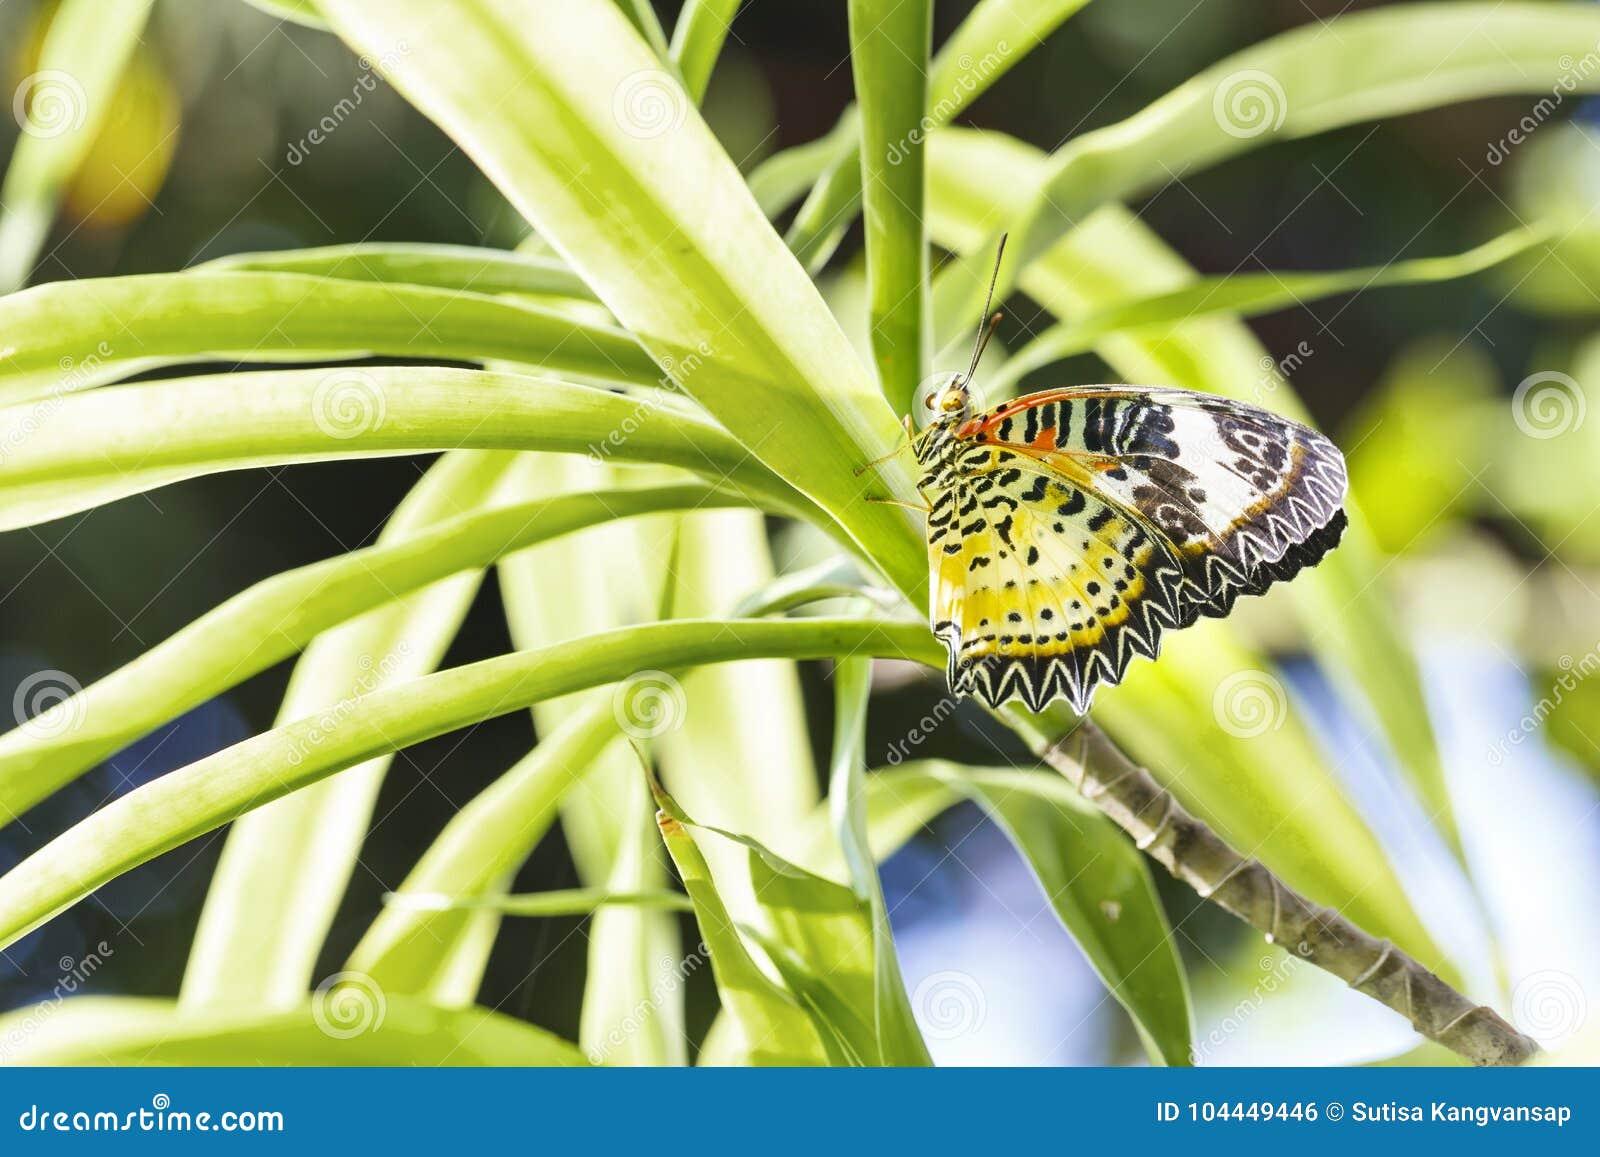 Caída femenina de la mariposa de los euanthes del cyane de Cethosia del lacewing del leopardo